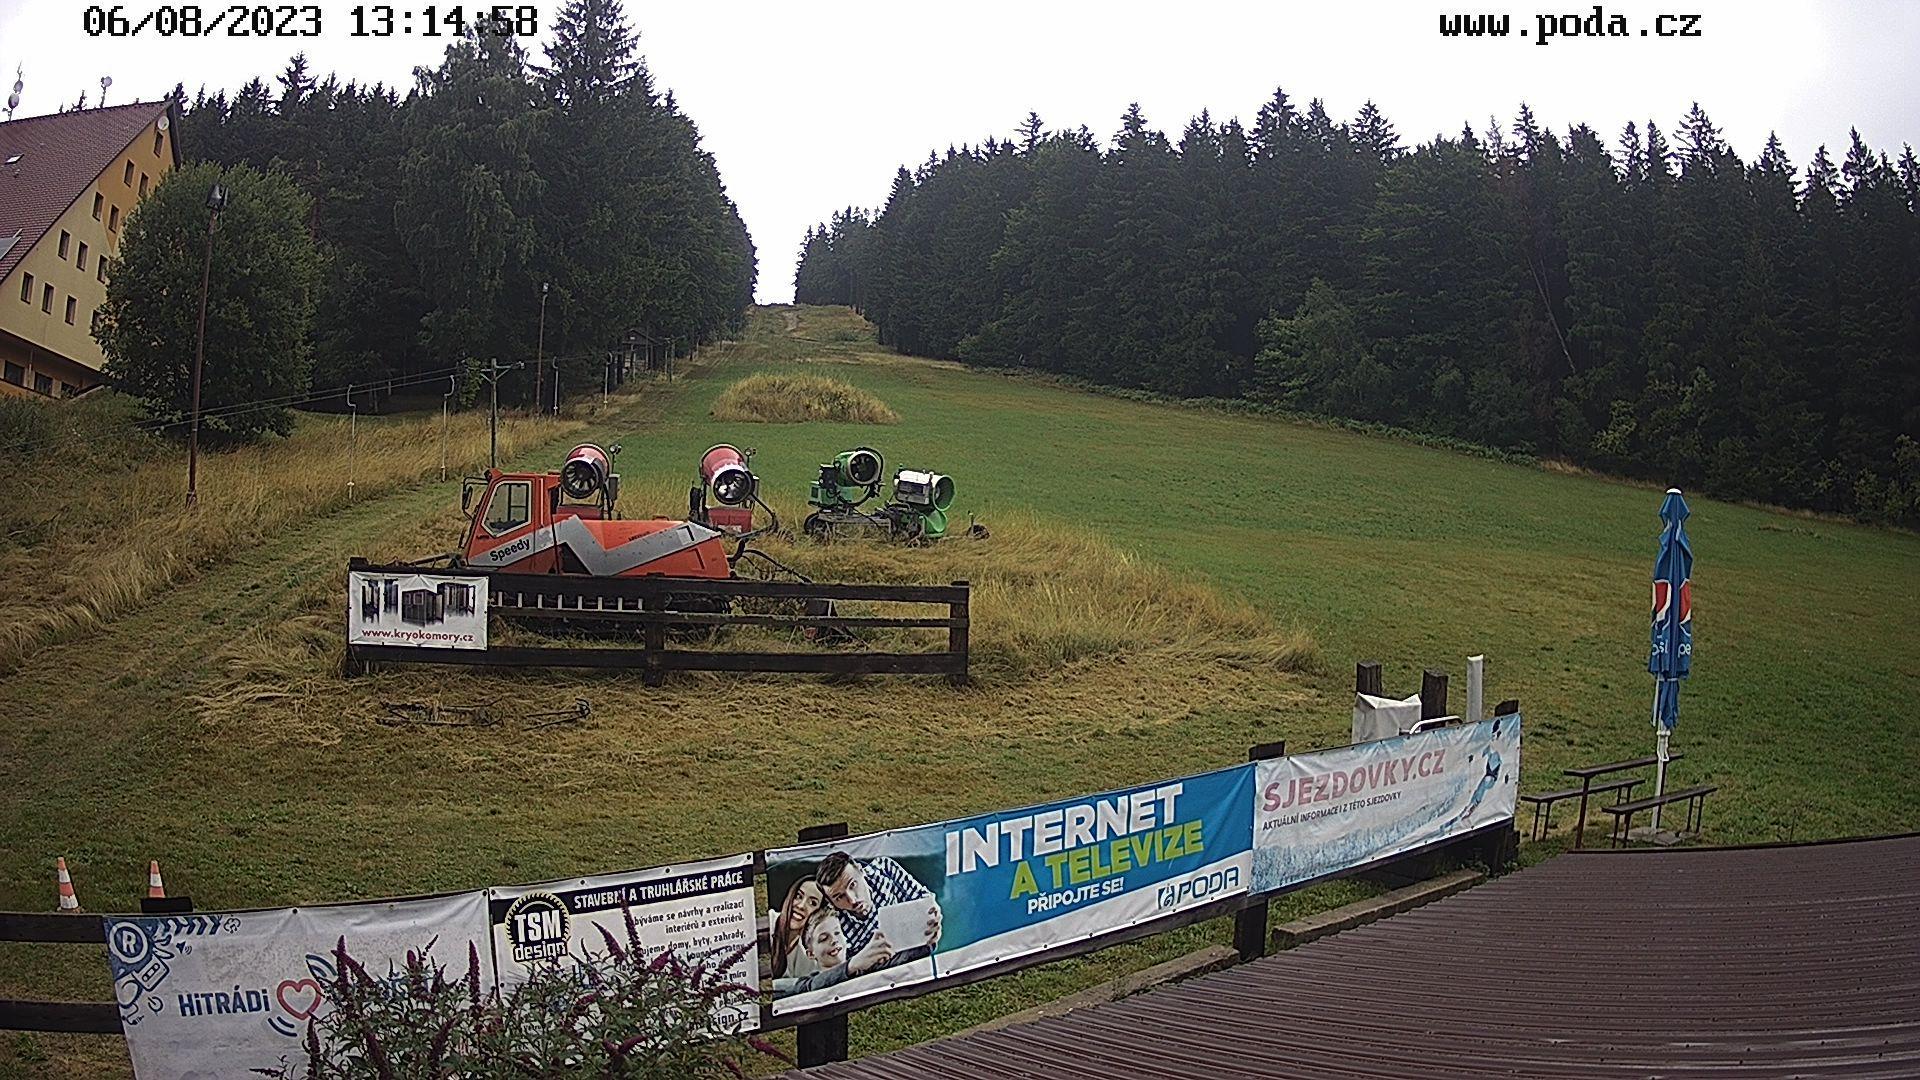 Webkamera Svratka